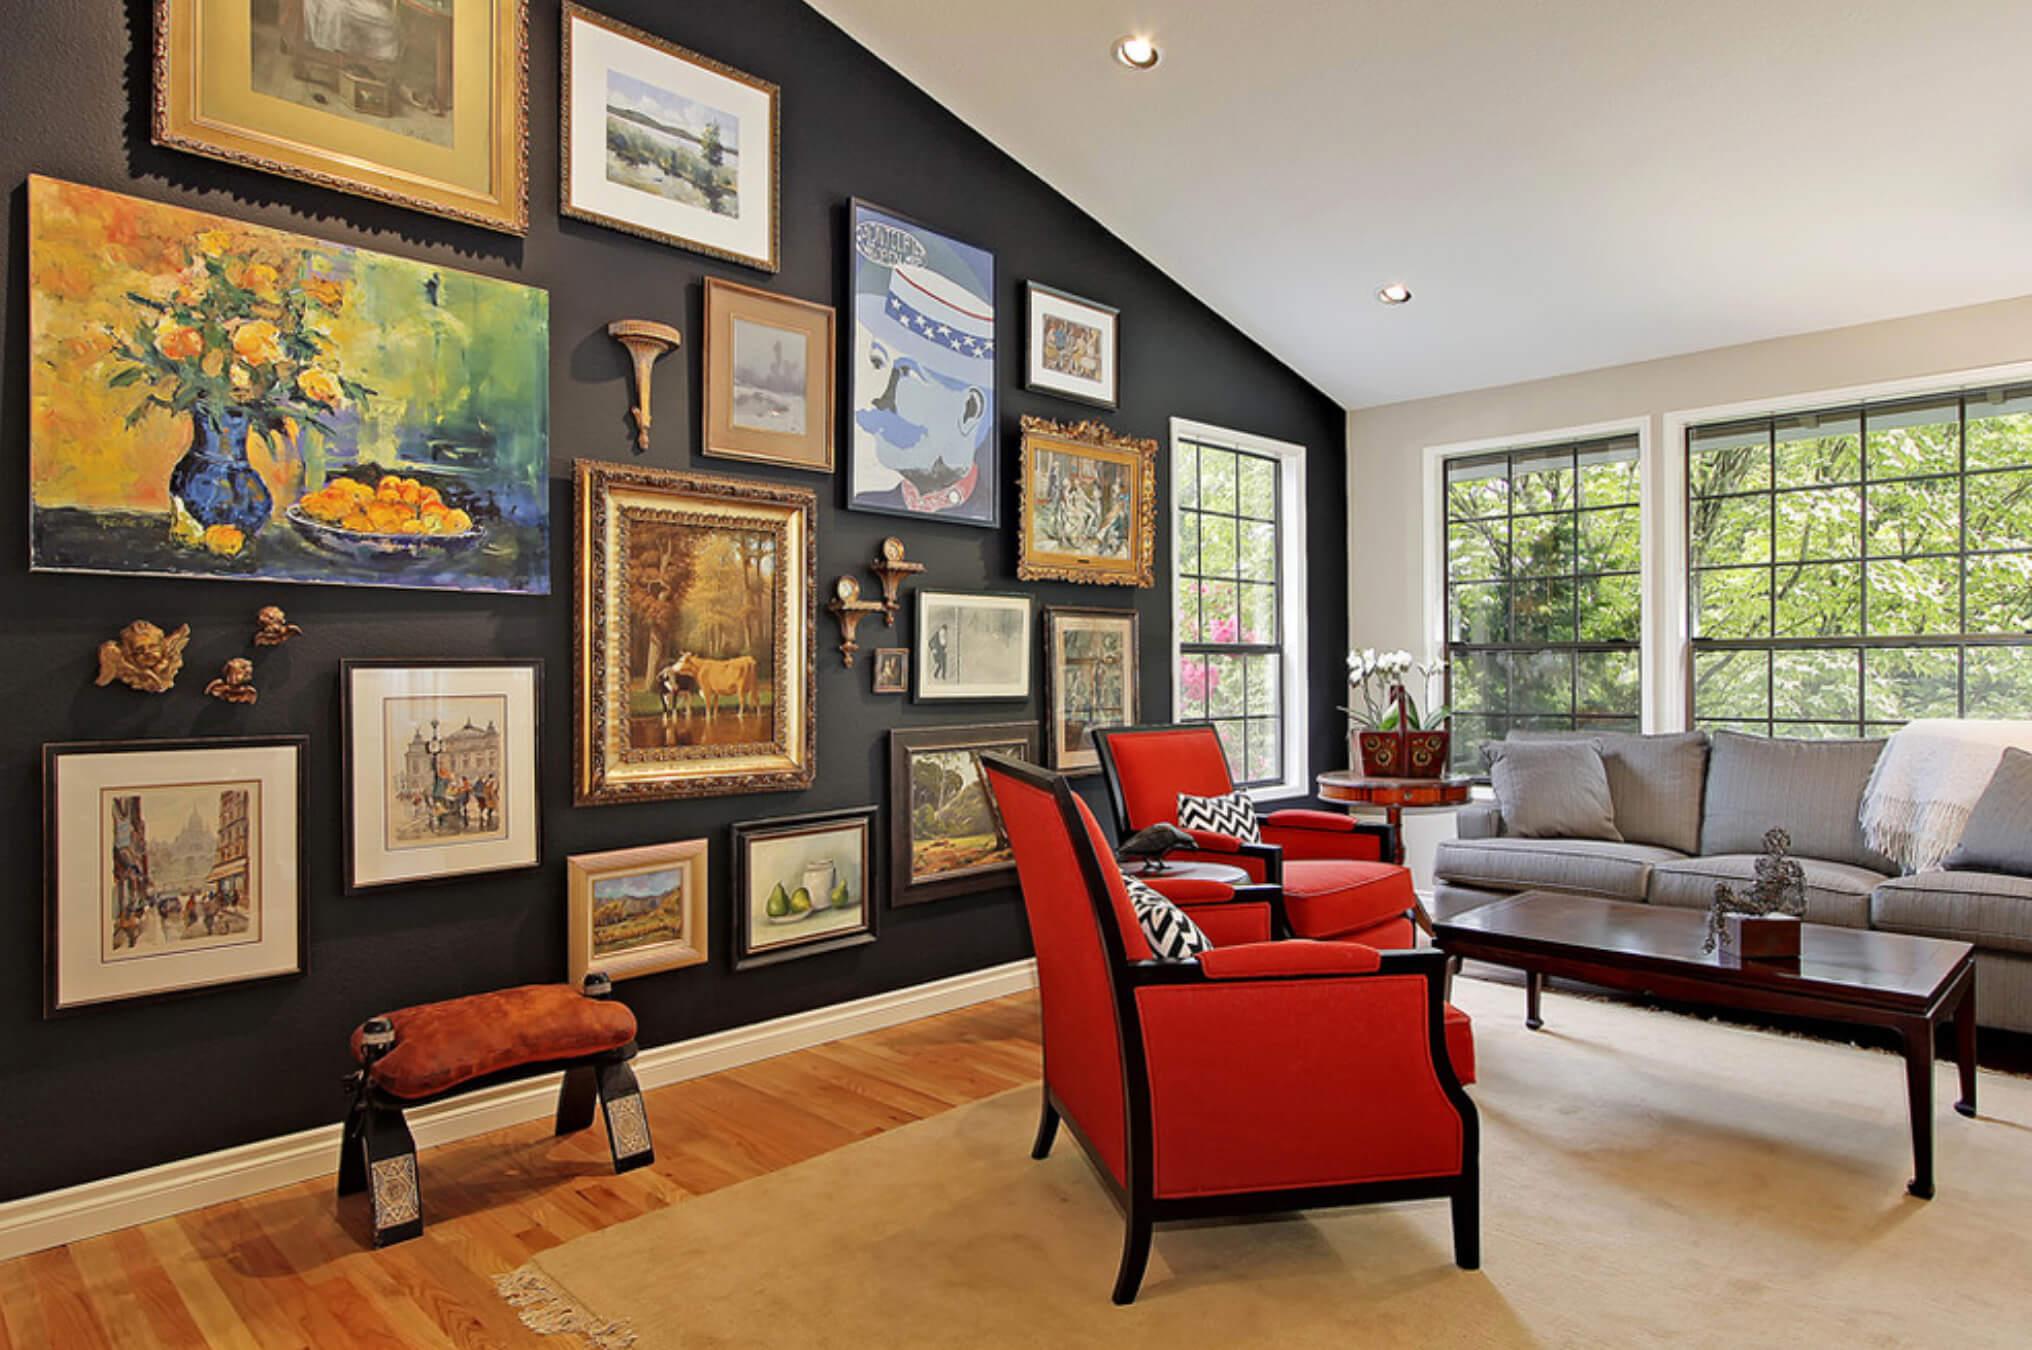 Как правильно располагать картины в интерьере жилища?